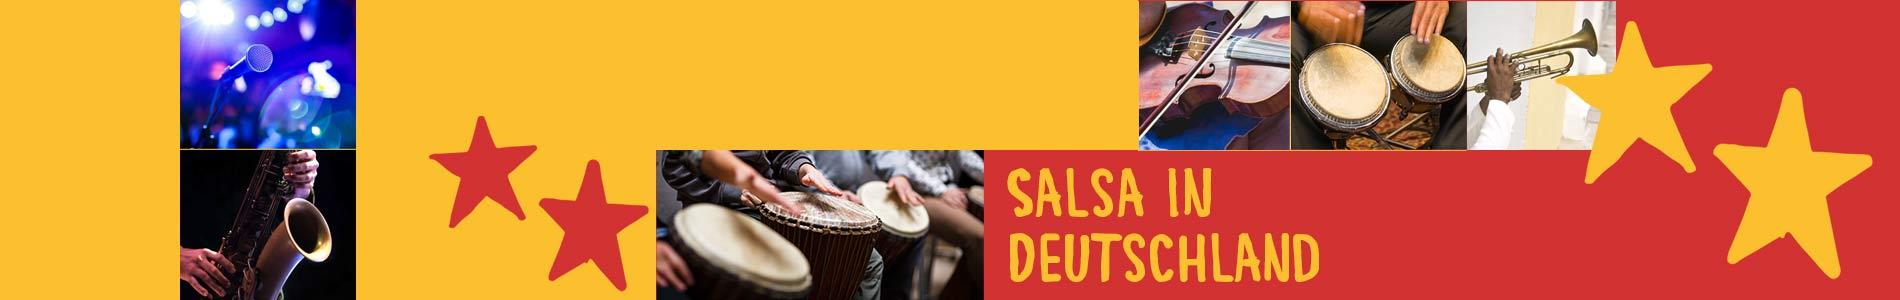 Salsa in Darlingerode – Salsa lernen und tanzen, Tanzkurse, Partys, Veranstaltungen